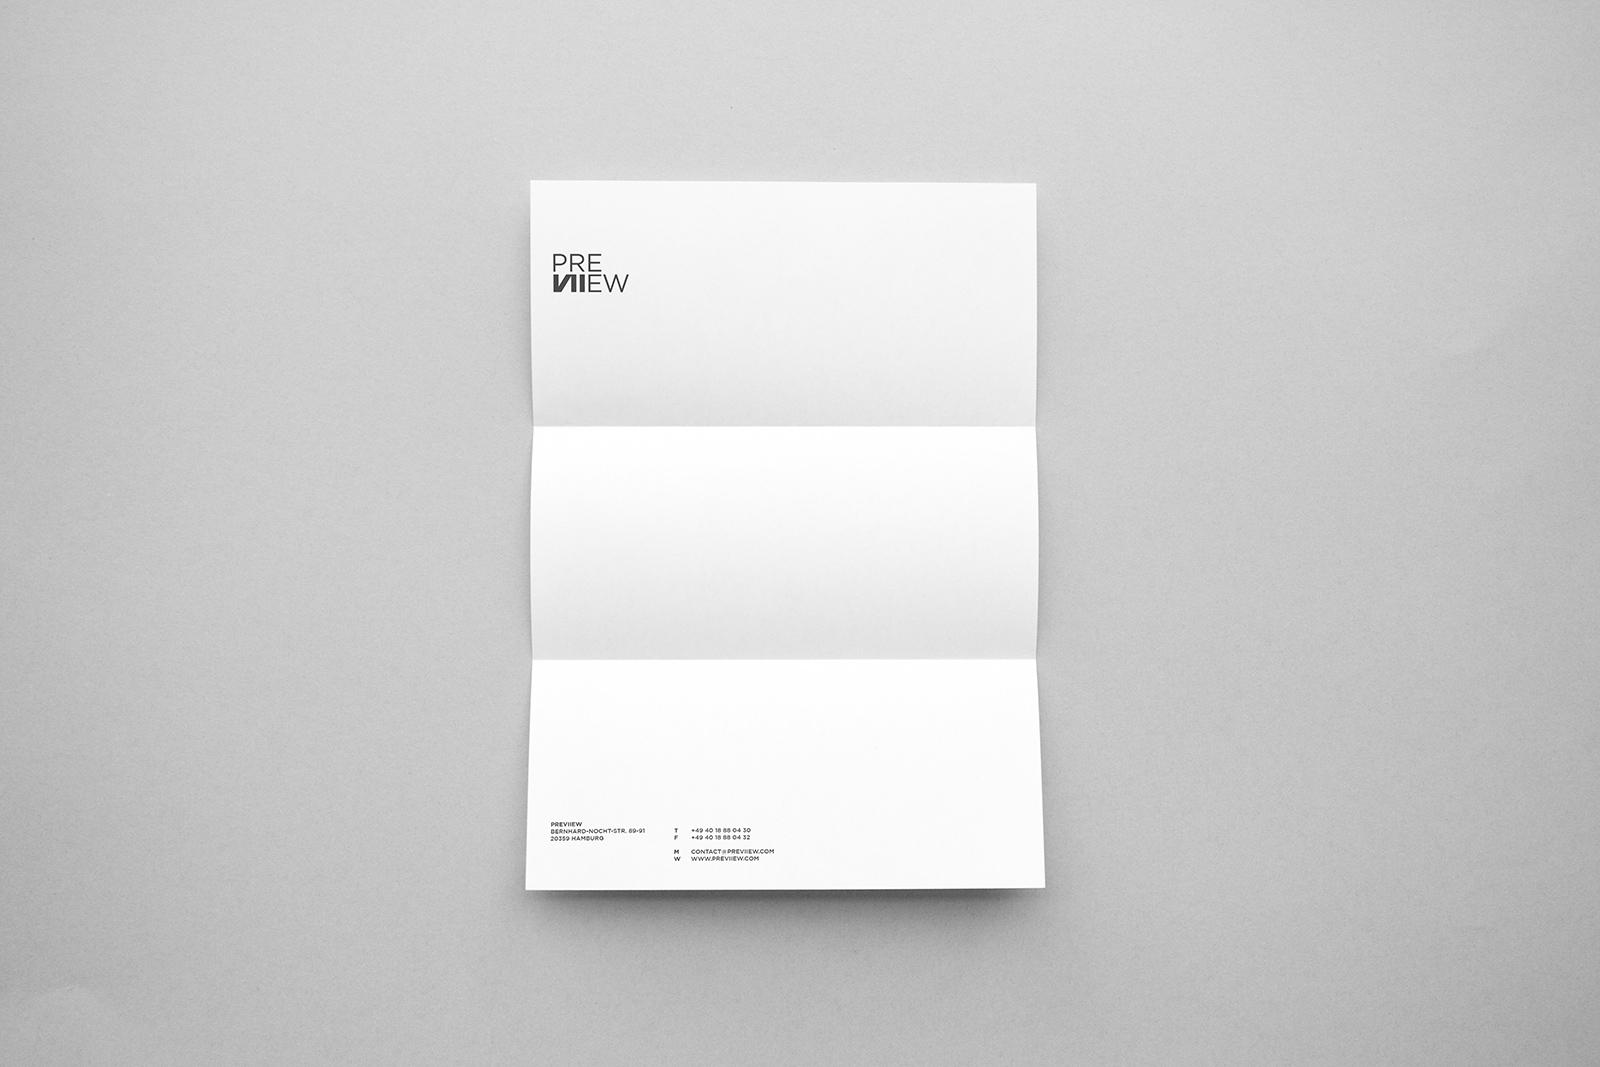 previiew-letterhead-buero-ink